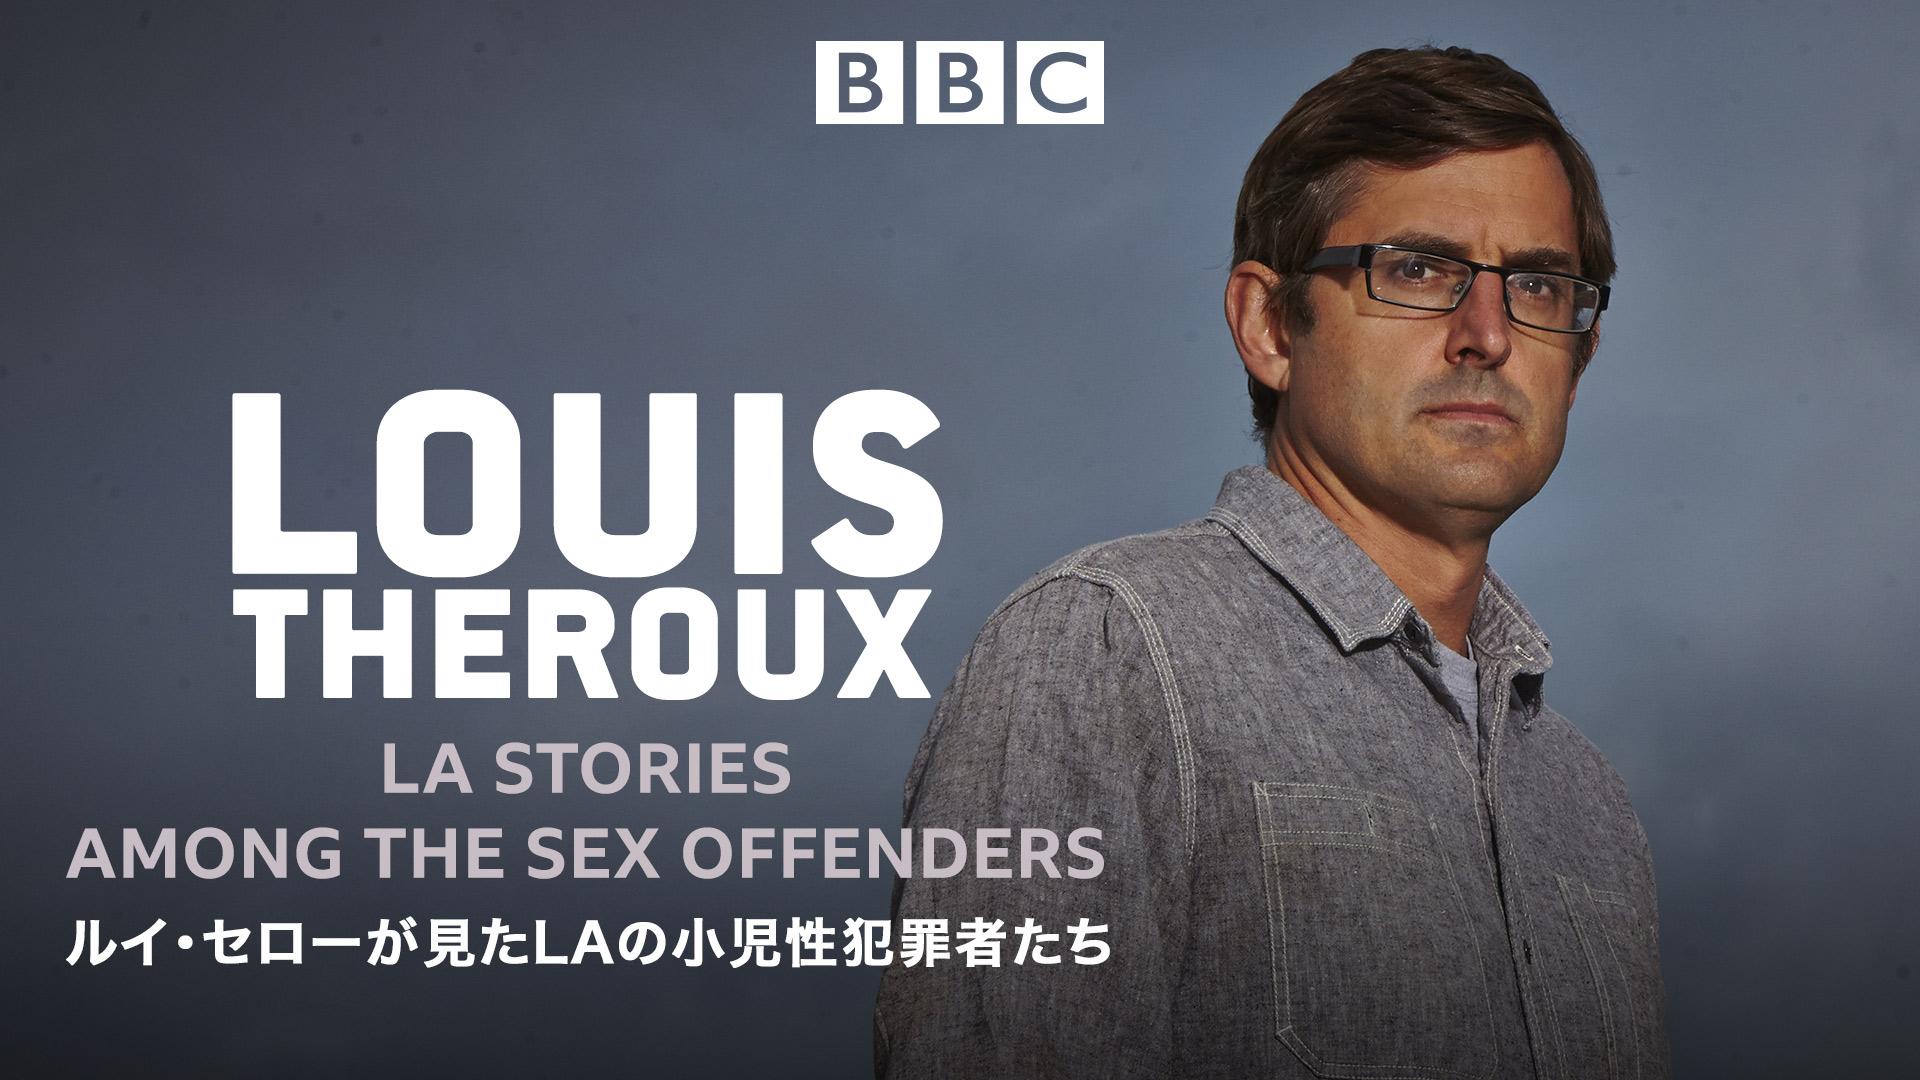 ルイ・セローが見た LAの小児性犯罪者たち(字幕版)